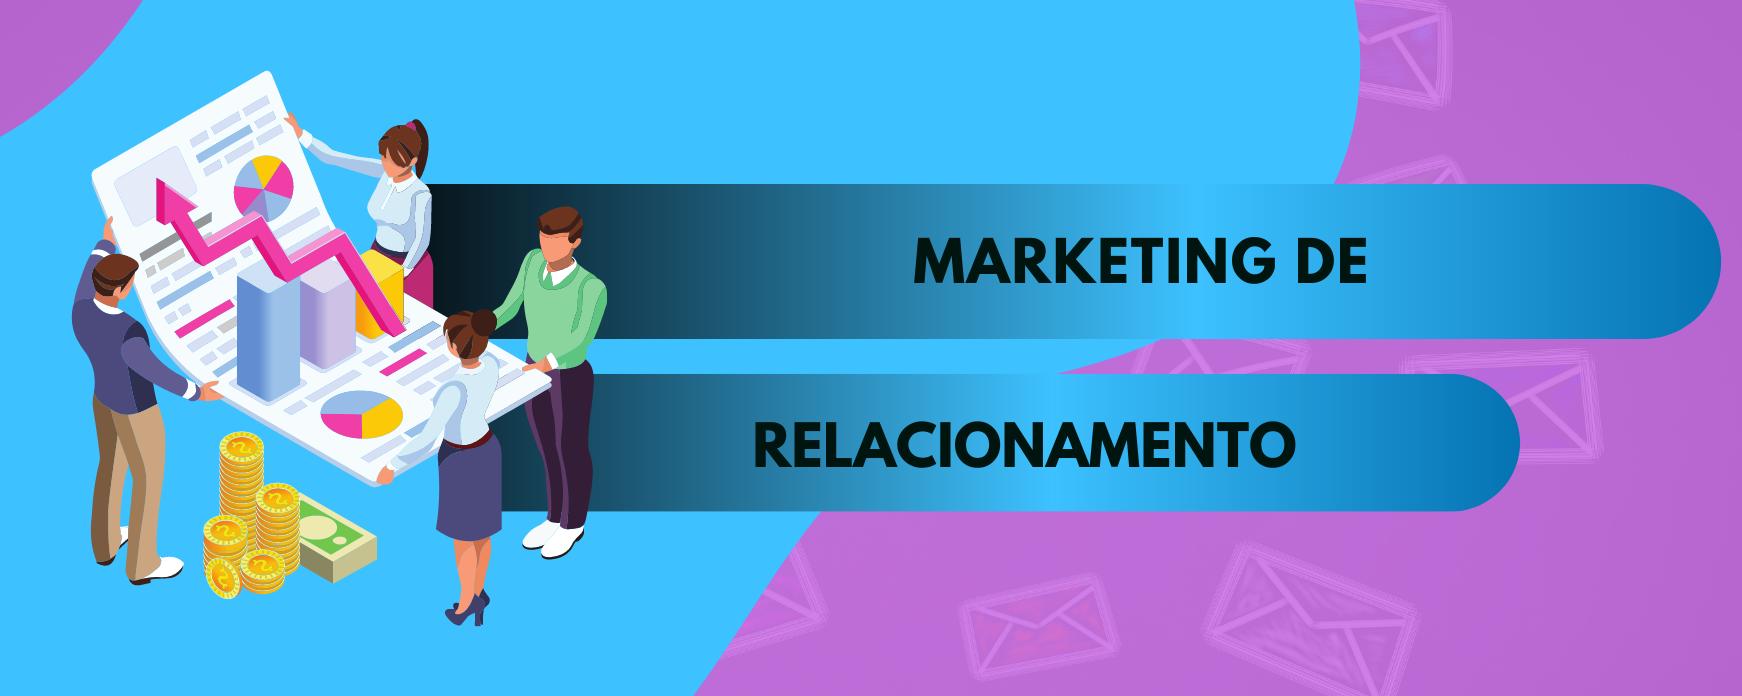 capa do artigo de marketing de relacionamento